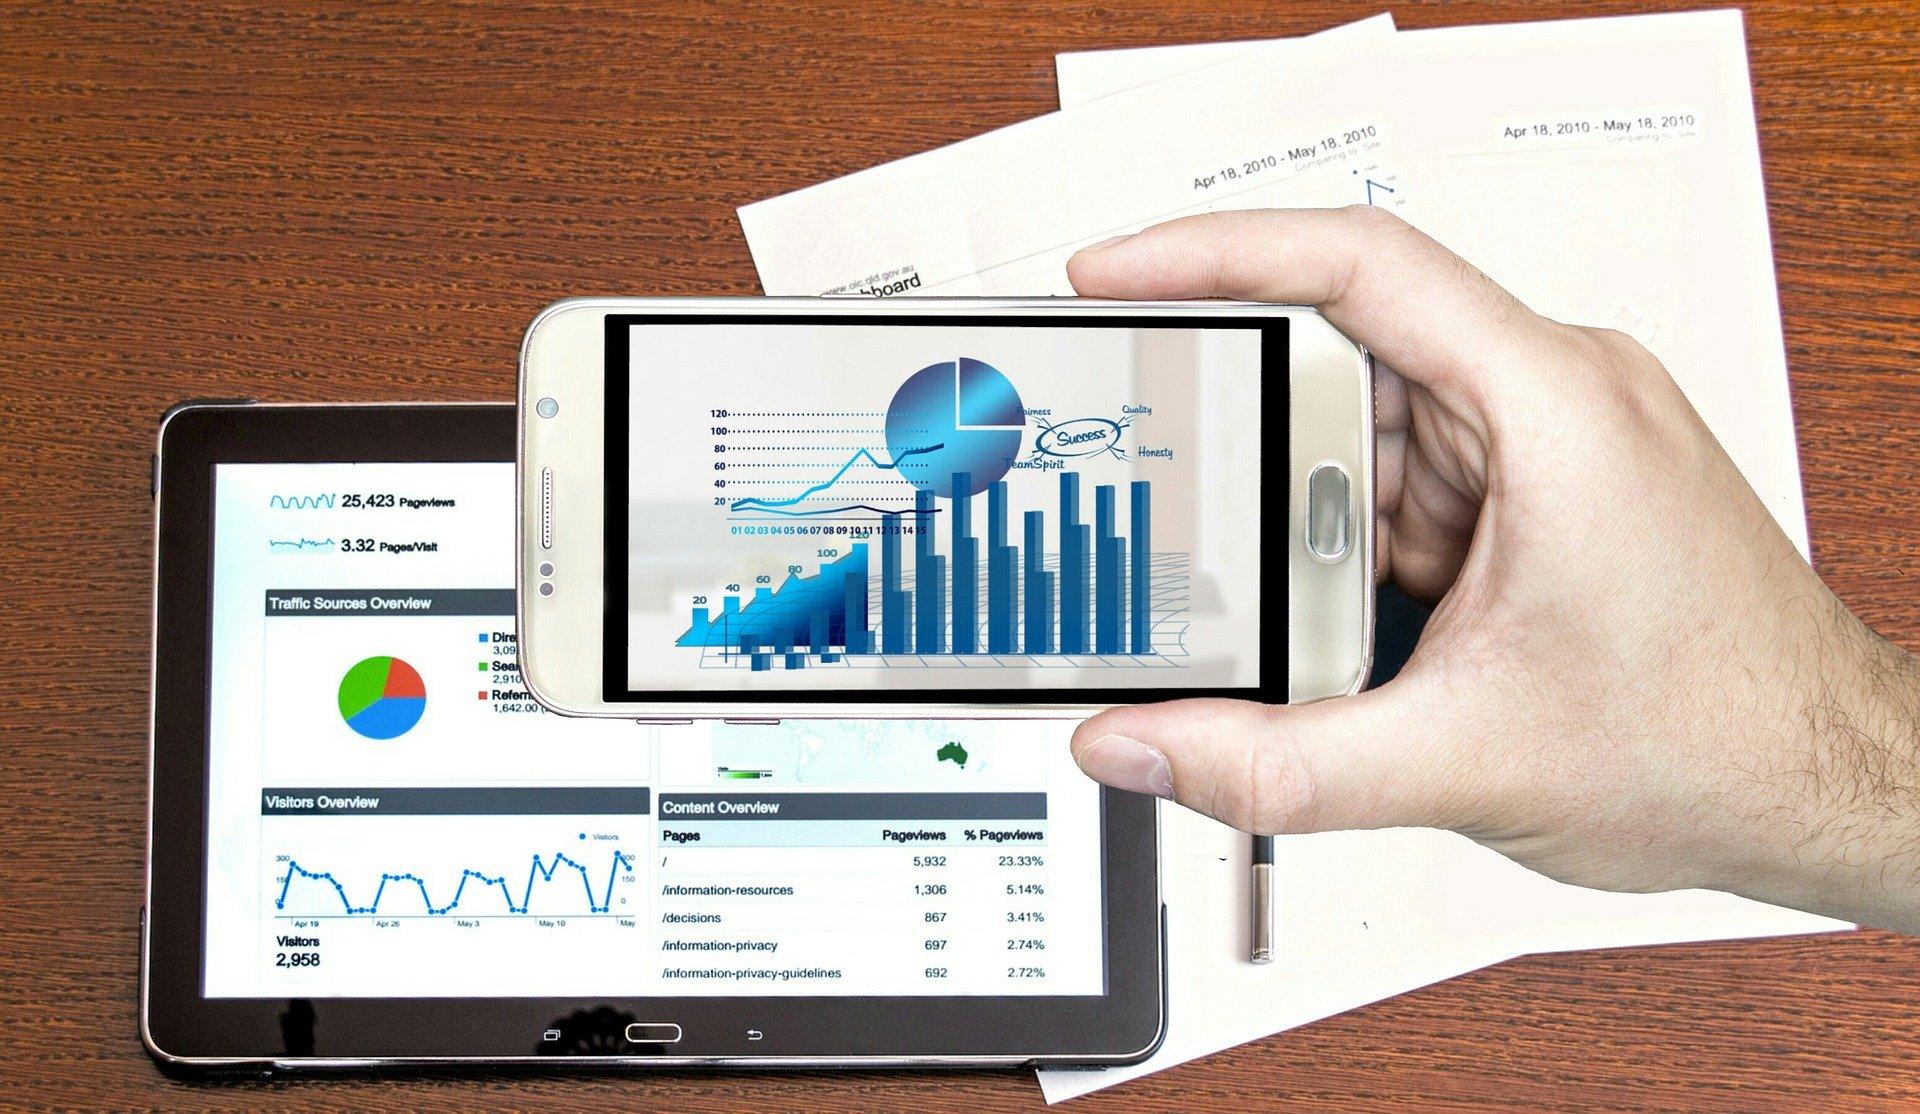 grafici su un tablet e su un cellulare riportanti andamenti energetici